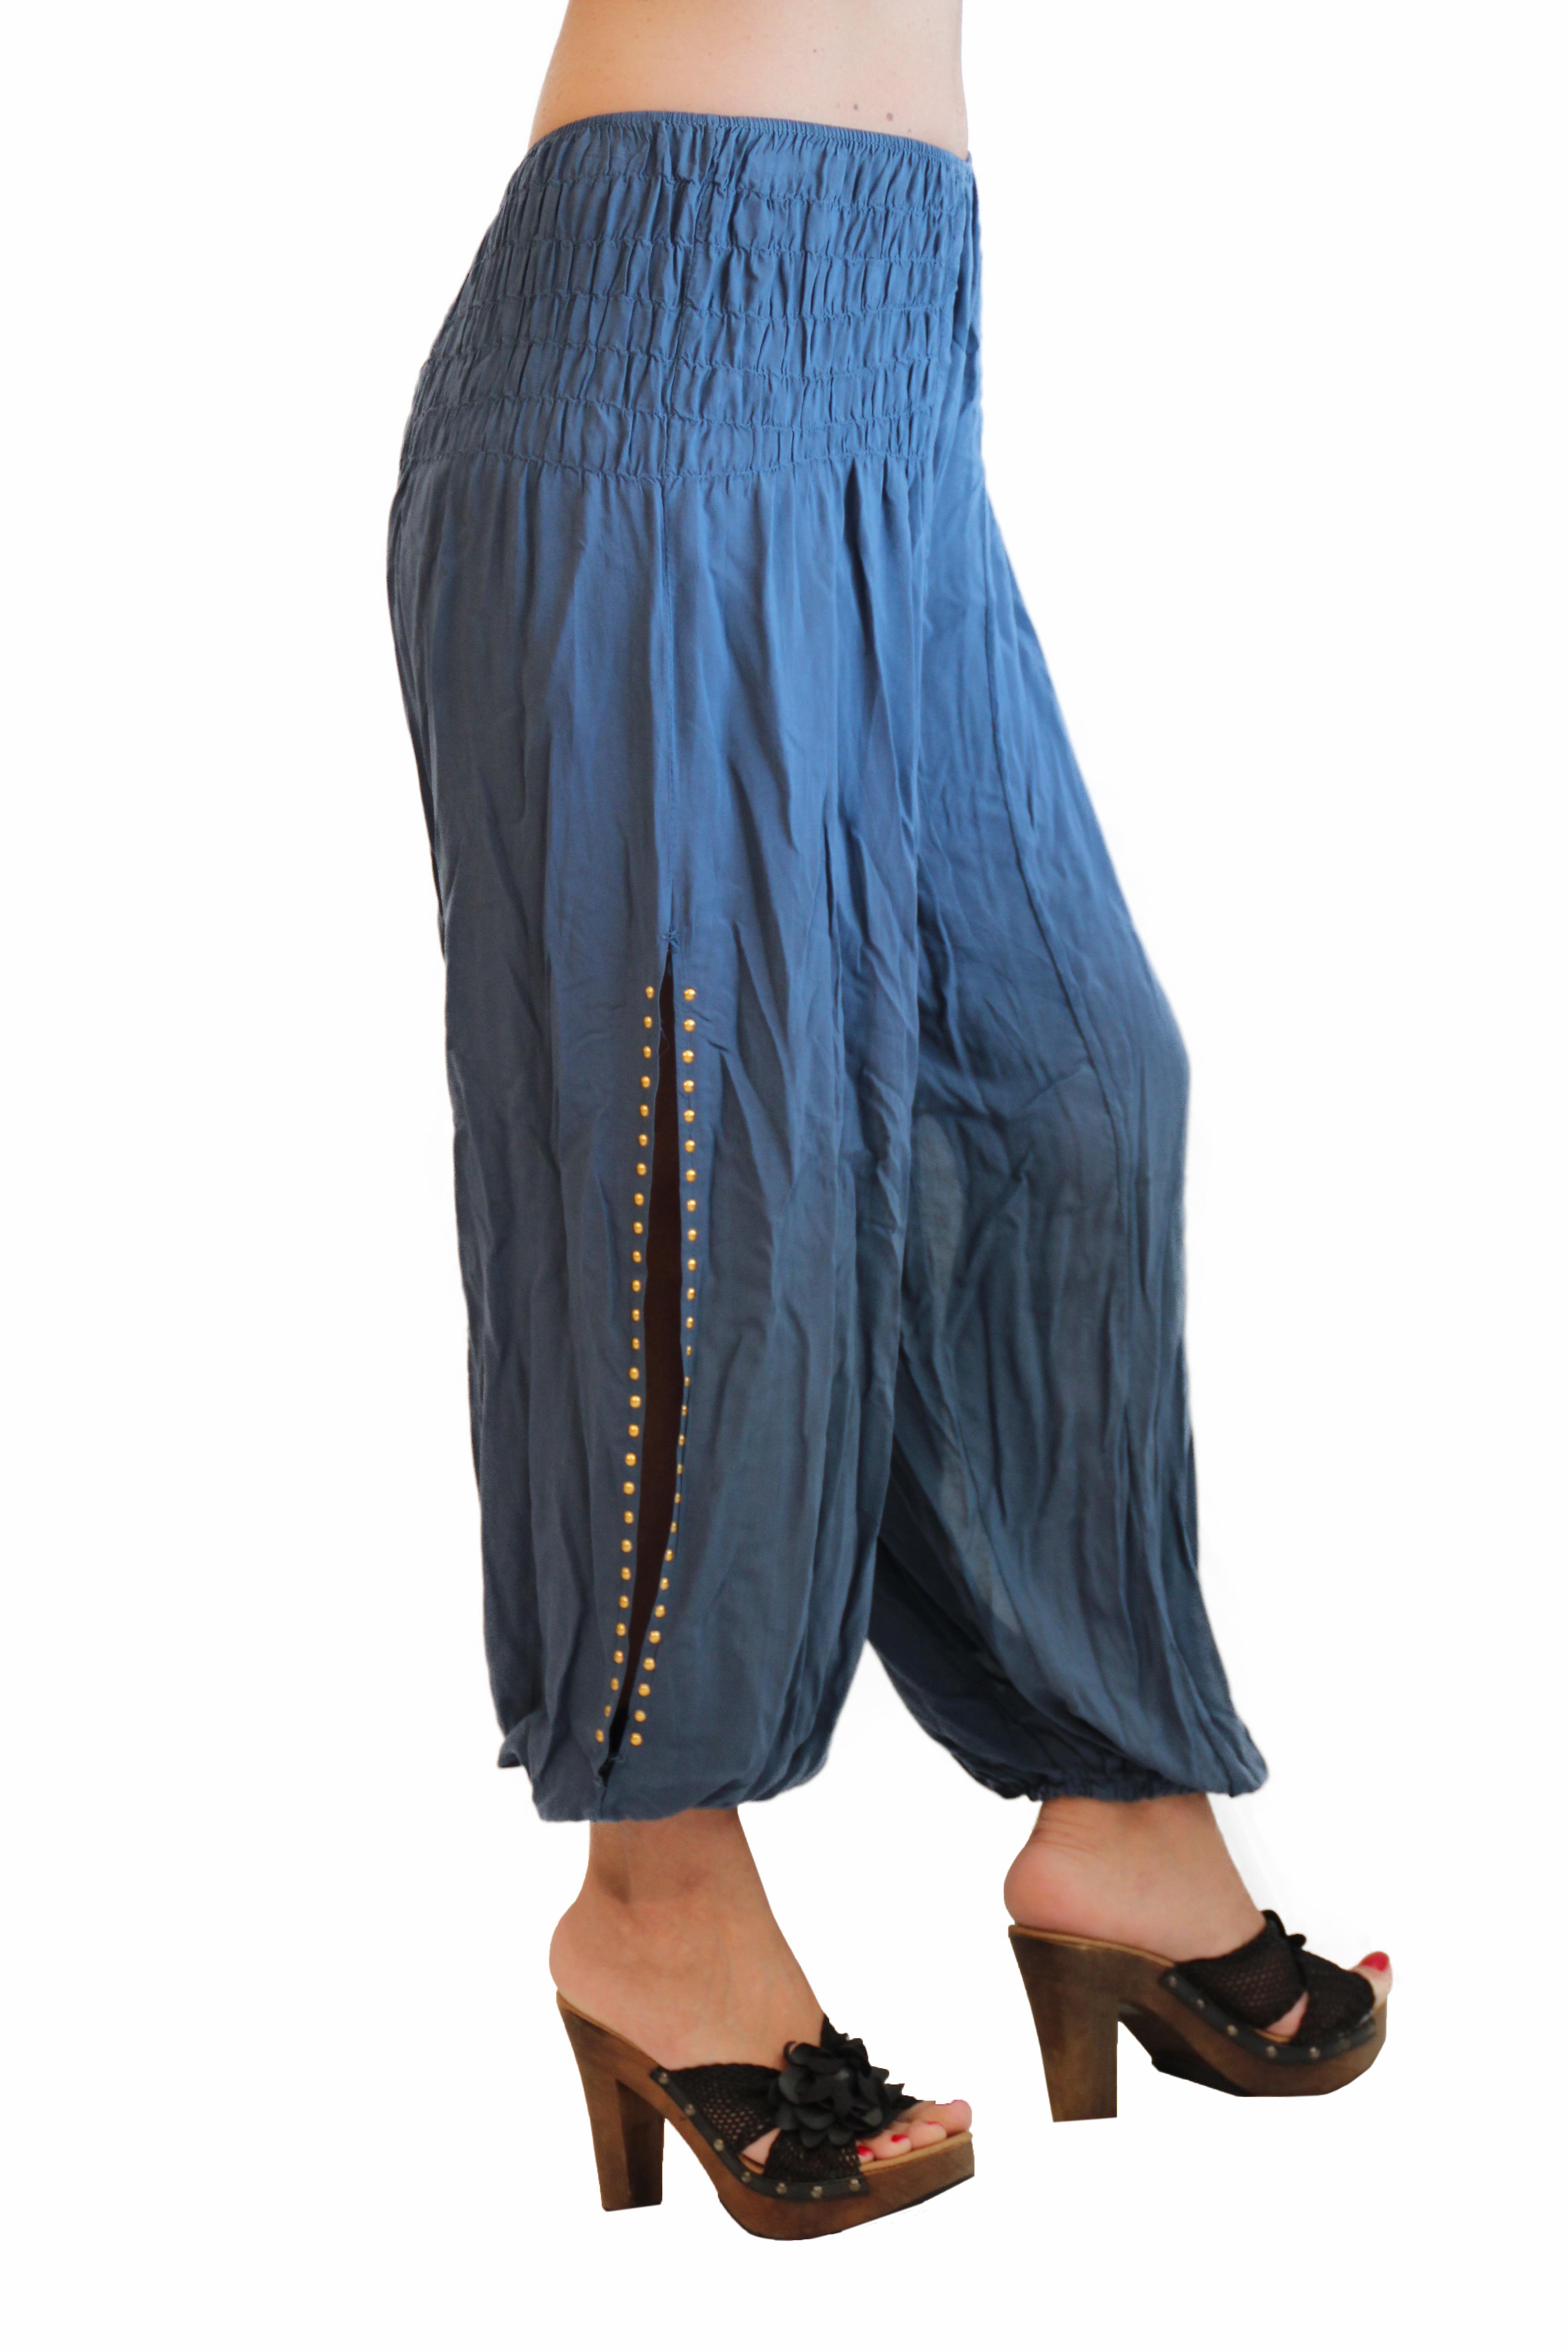 Waooh - Mode - Pantalon femme